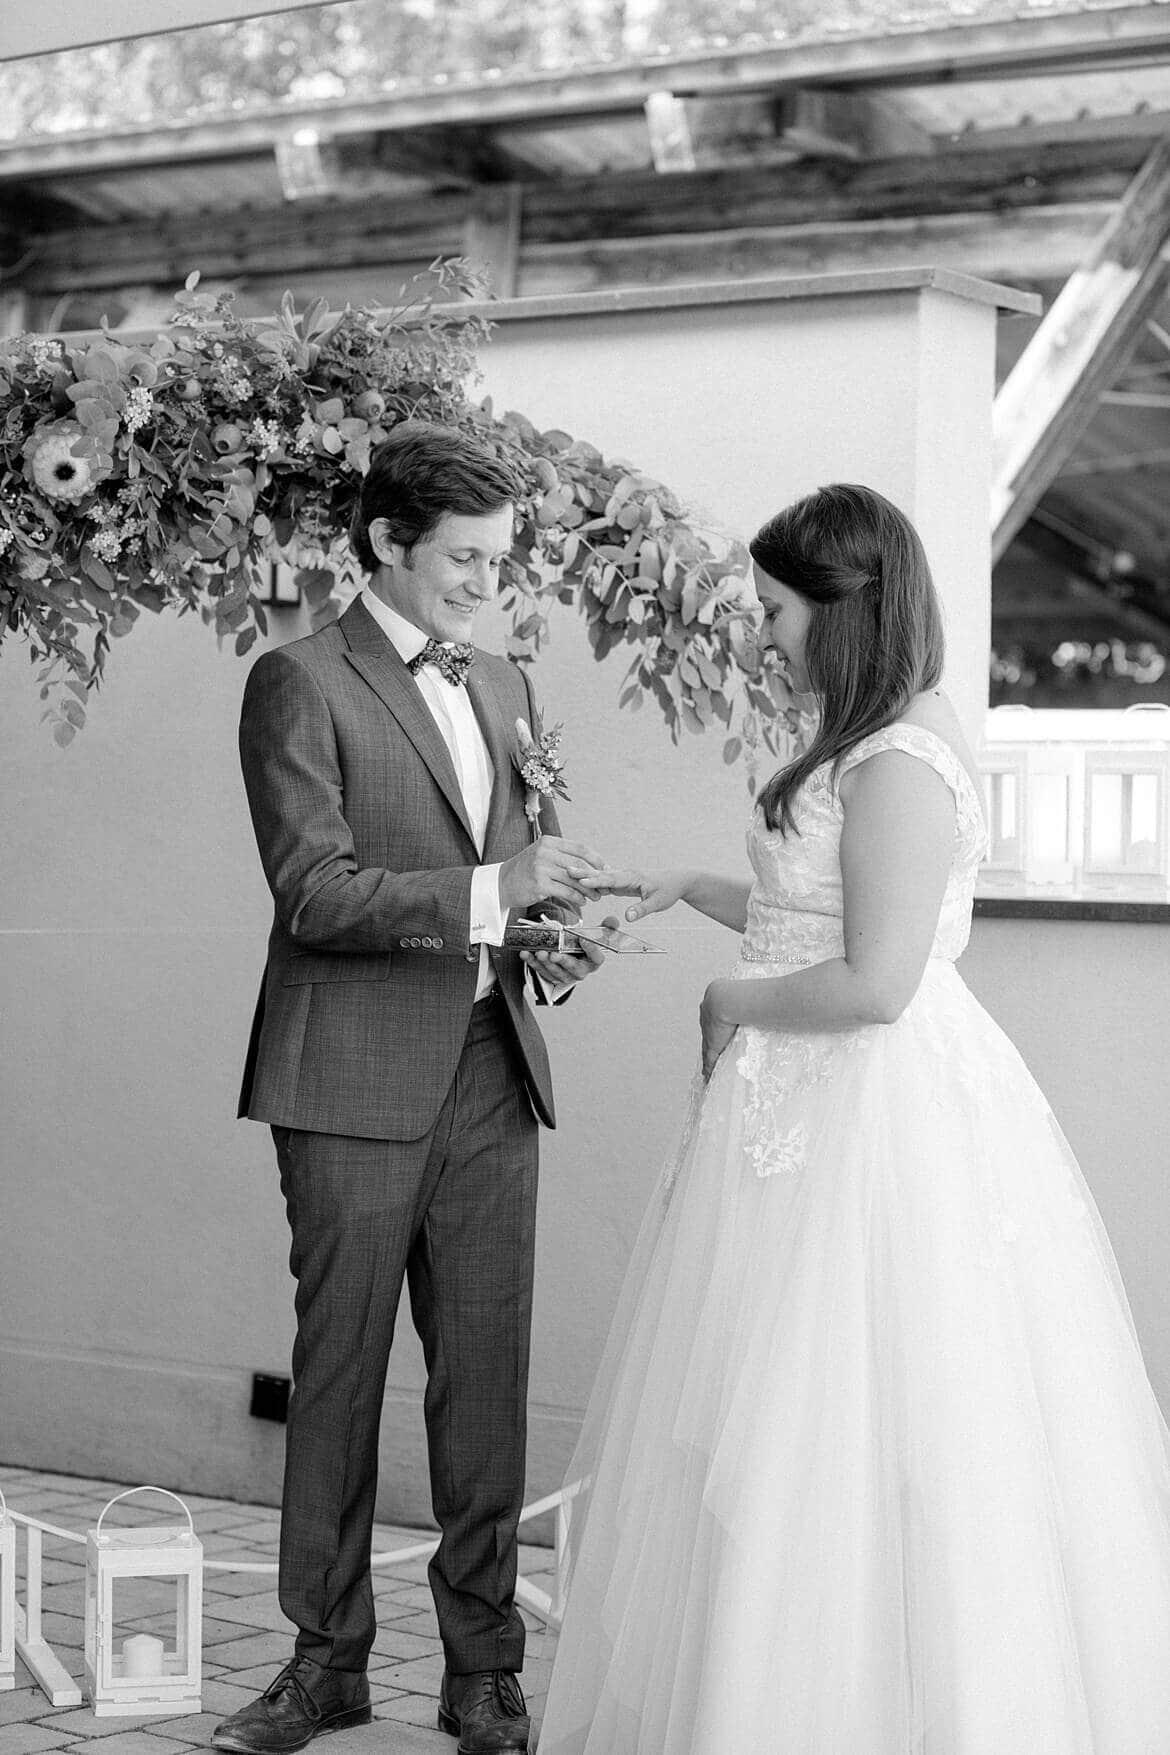 Schwarz Weiß Foto wie sich Brautpaar Ringe ansteckt